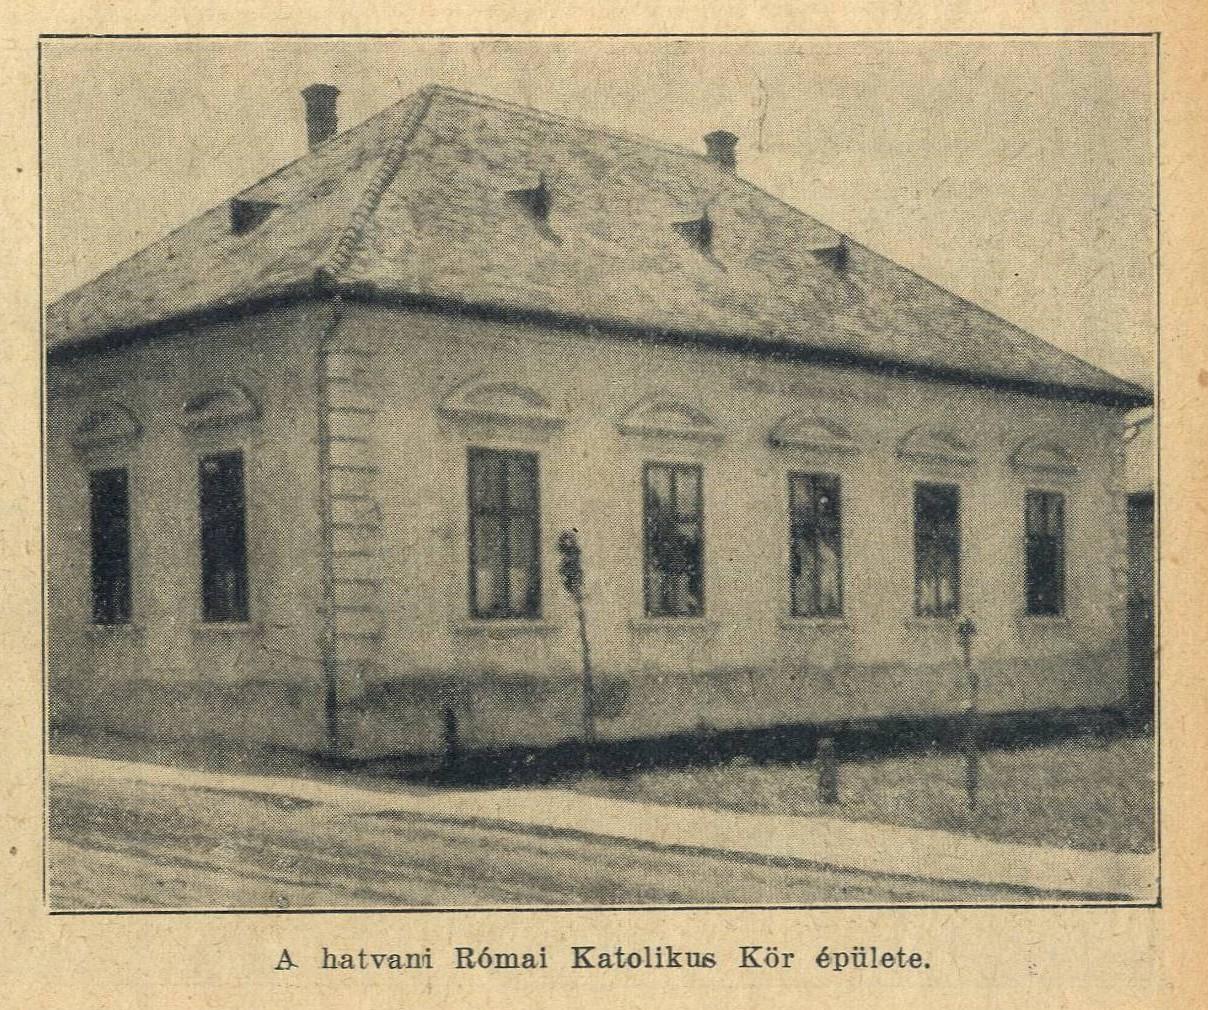 A Hatvani Katolikus Kör épülete, amely a mai Erzsébet és Dózsa tér sarkán állt, az egykori Marssó-abc-vel szemben. Nevével ellentétben elsősorban nem vallásfelekezeti, hanem a hatvani birtokos gazdák egyesülete volt, 1892 és 1949 között.